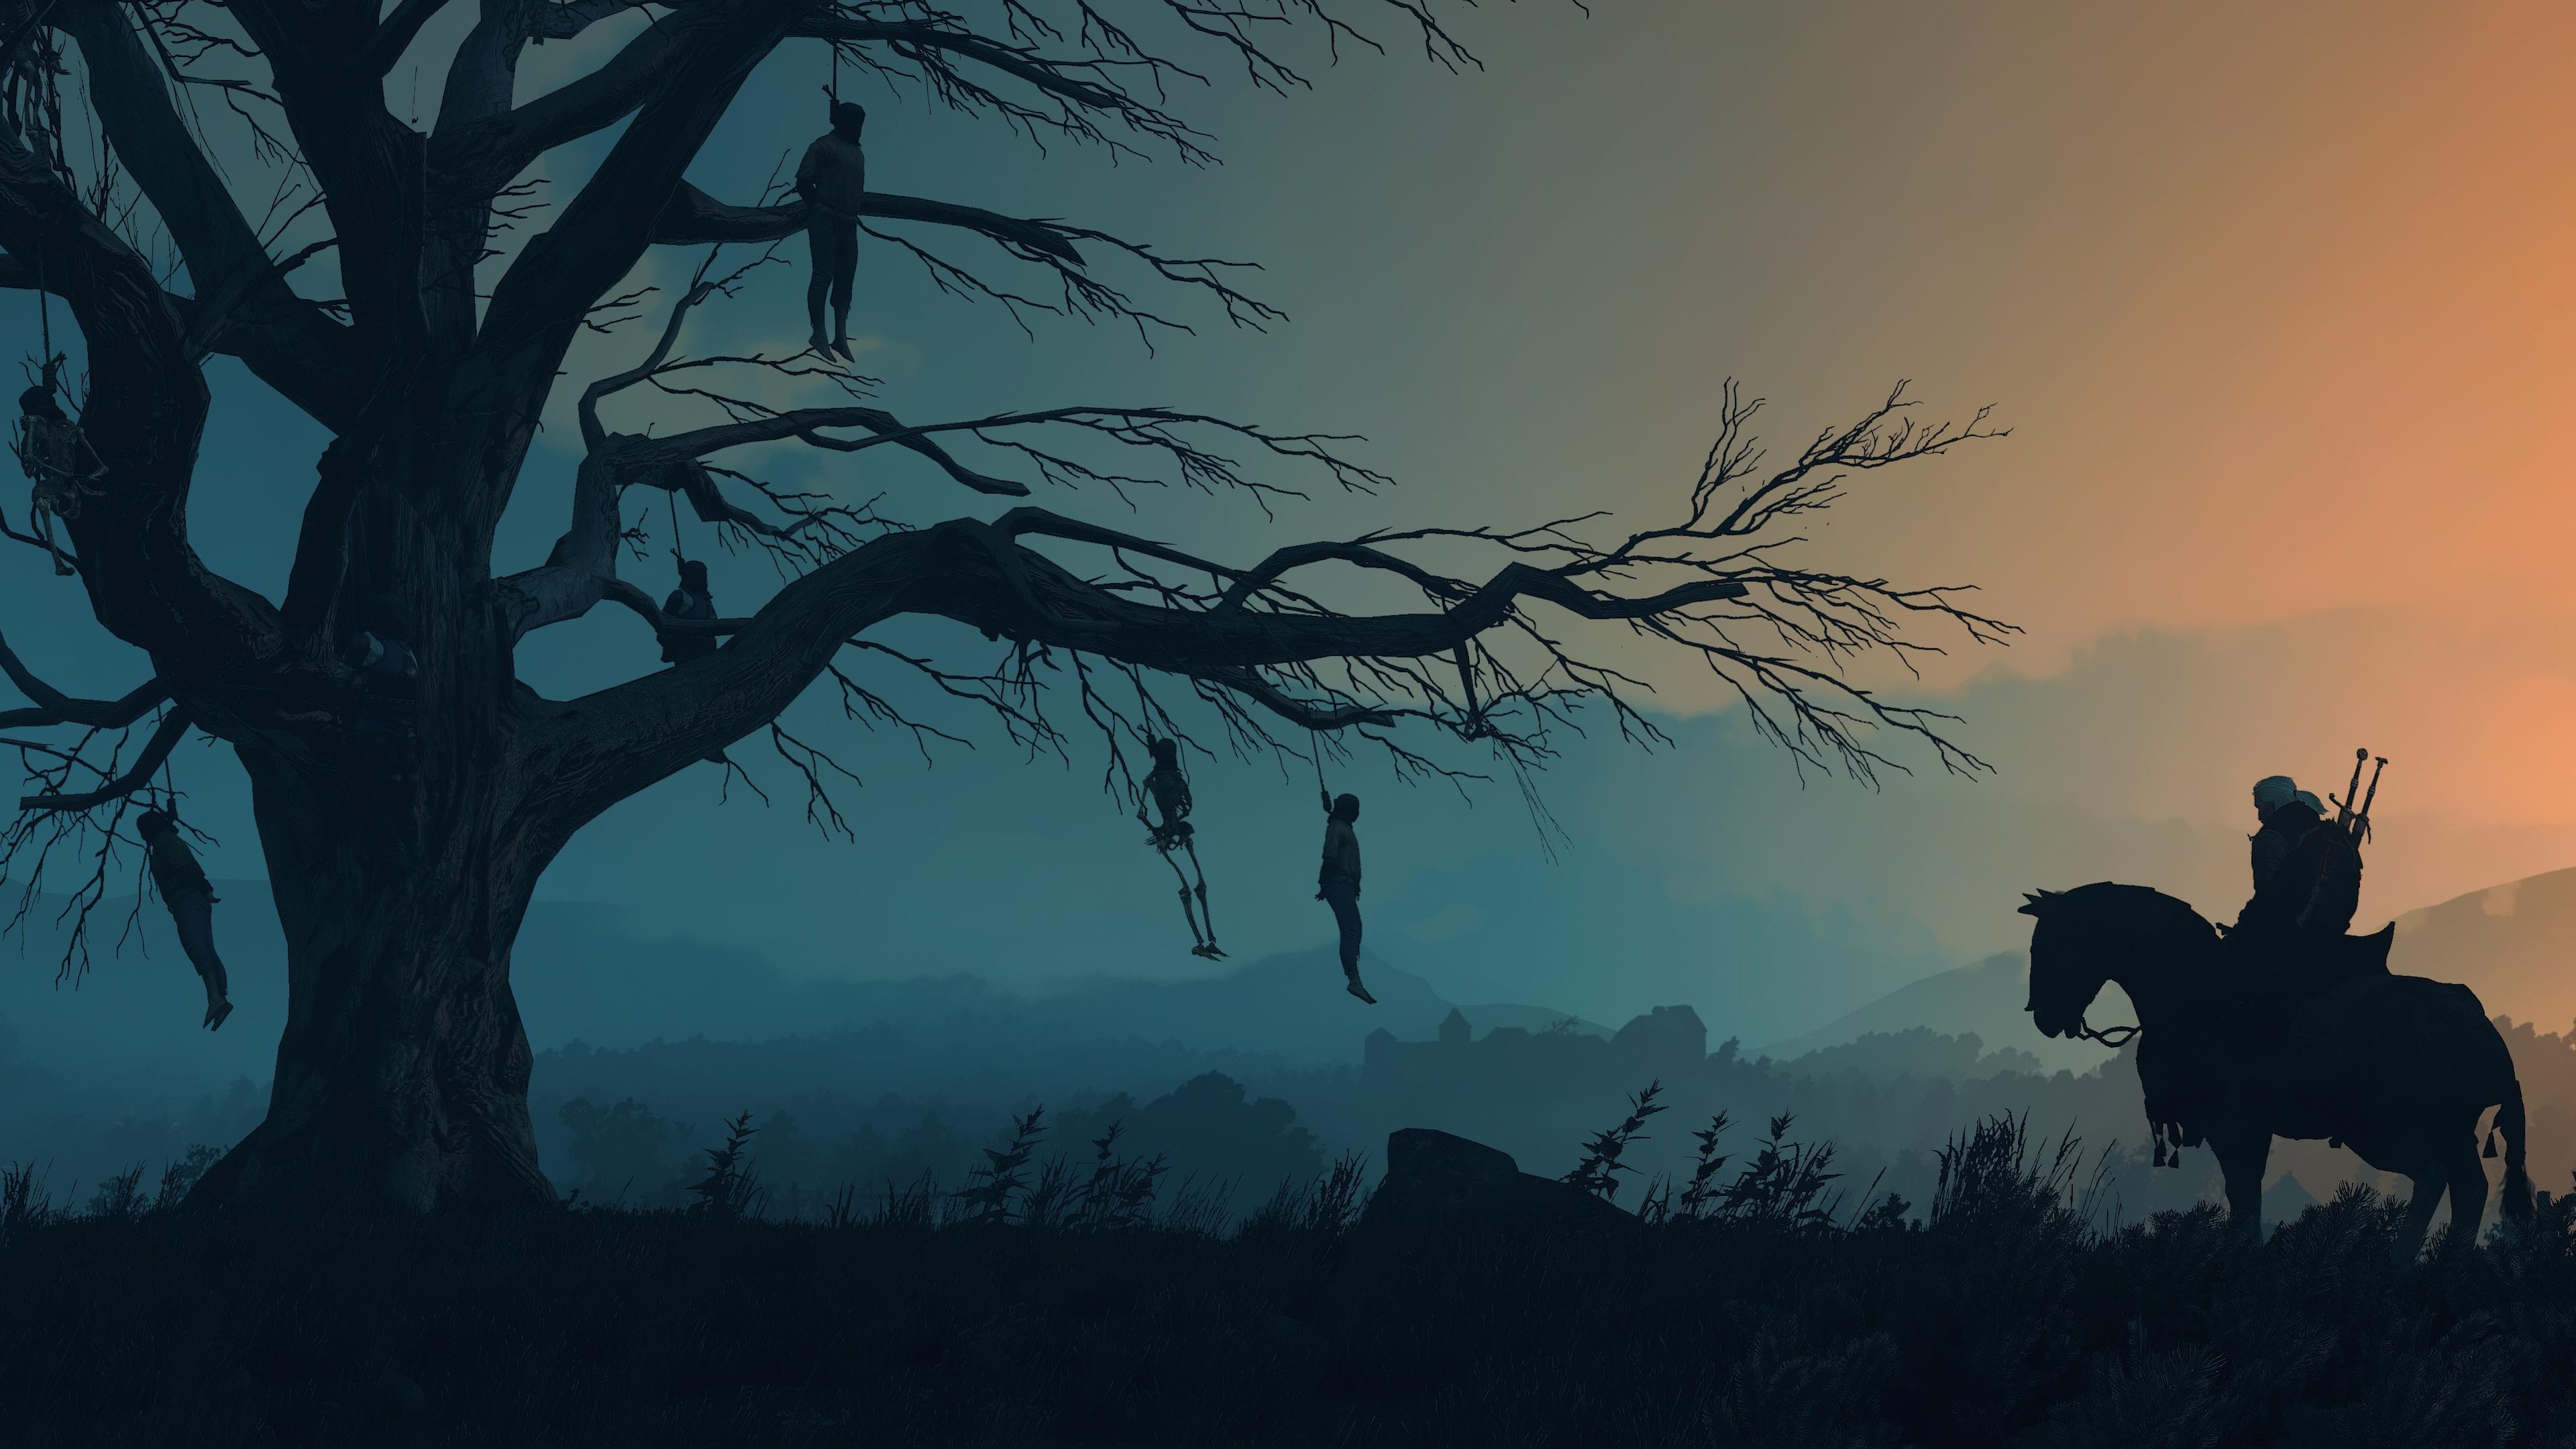 Фотография The Witcher 3: Wild Hunt Лошади Силуэт Игры Ветки Вечер Деревья 3840x2160